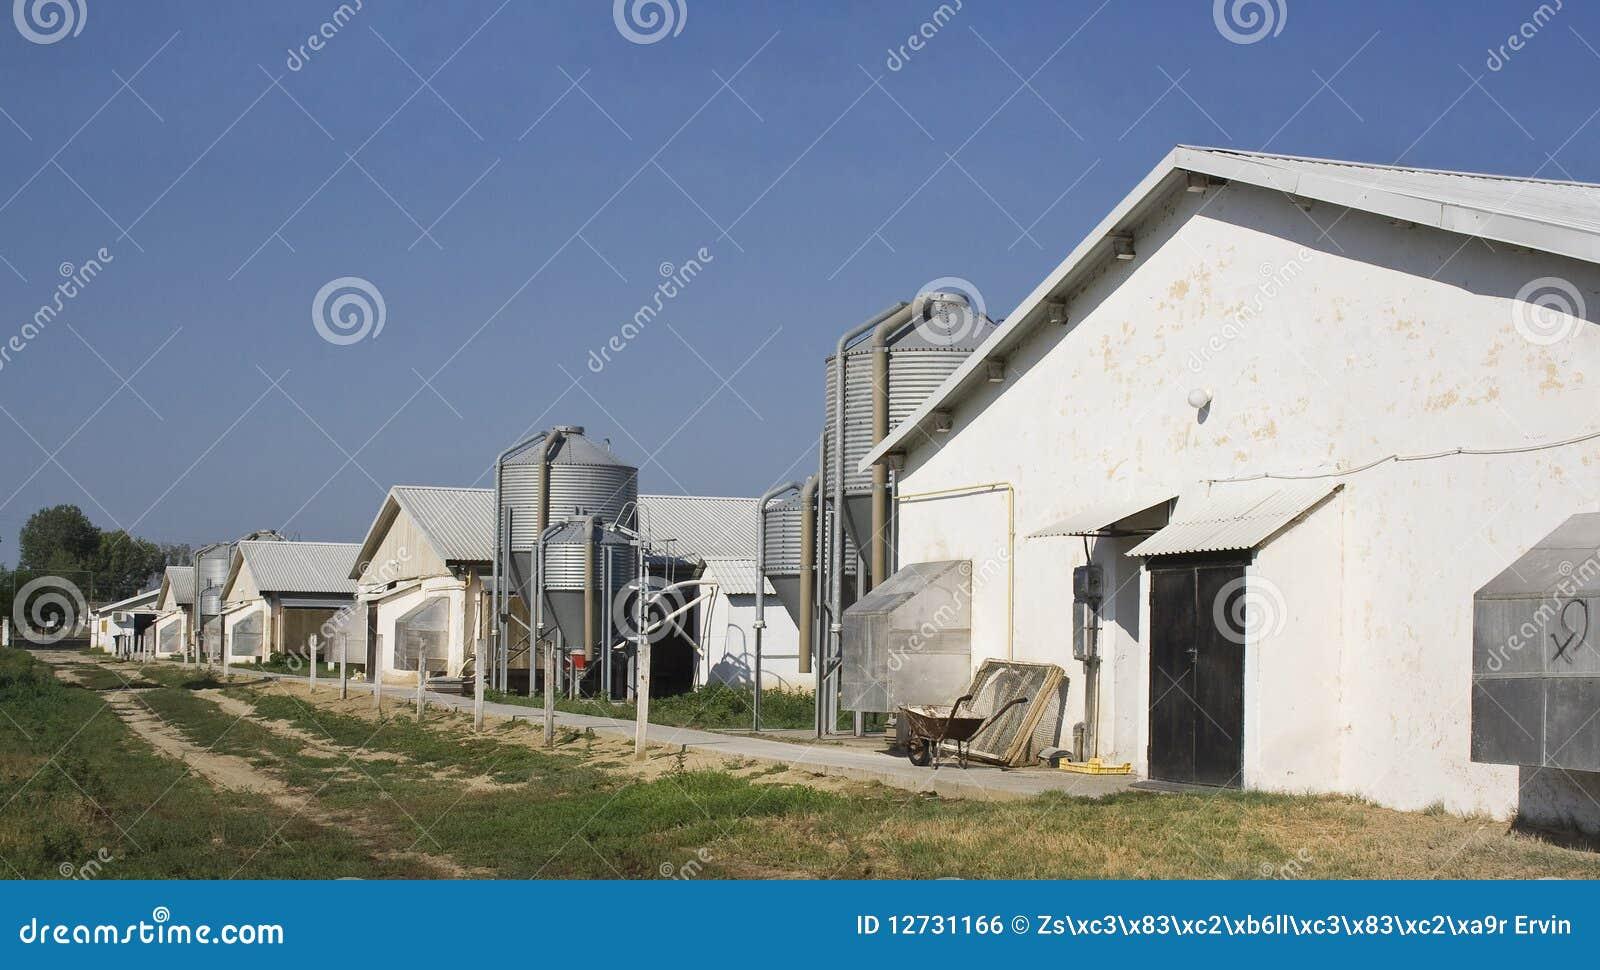 Granjas y silos de pollo